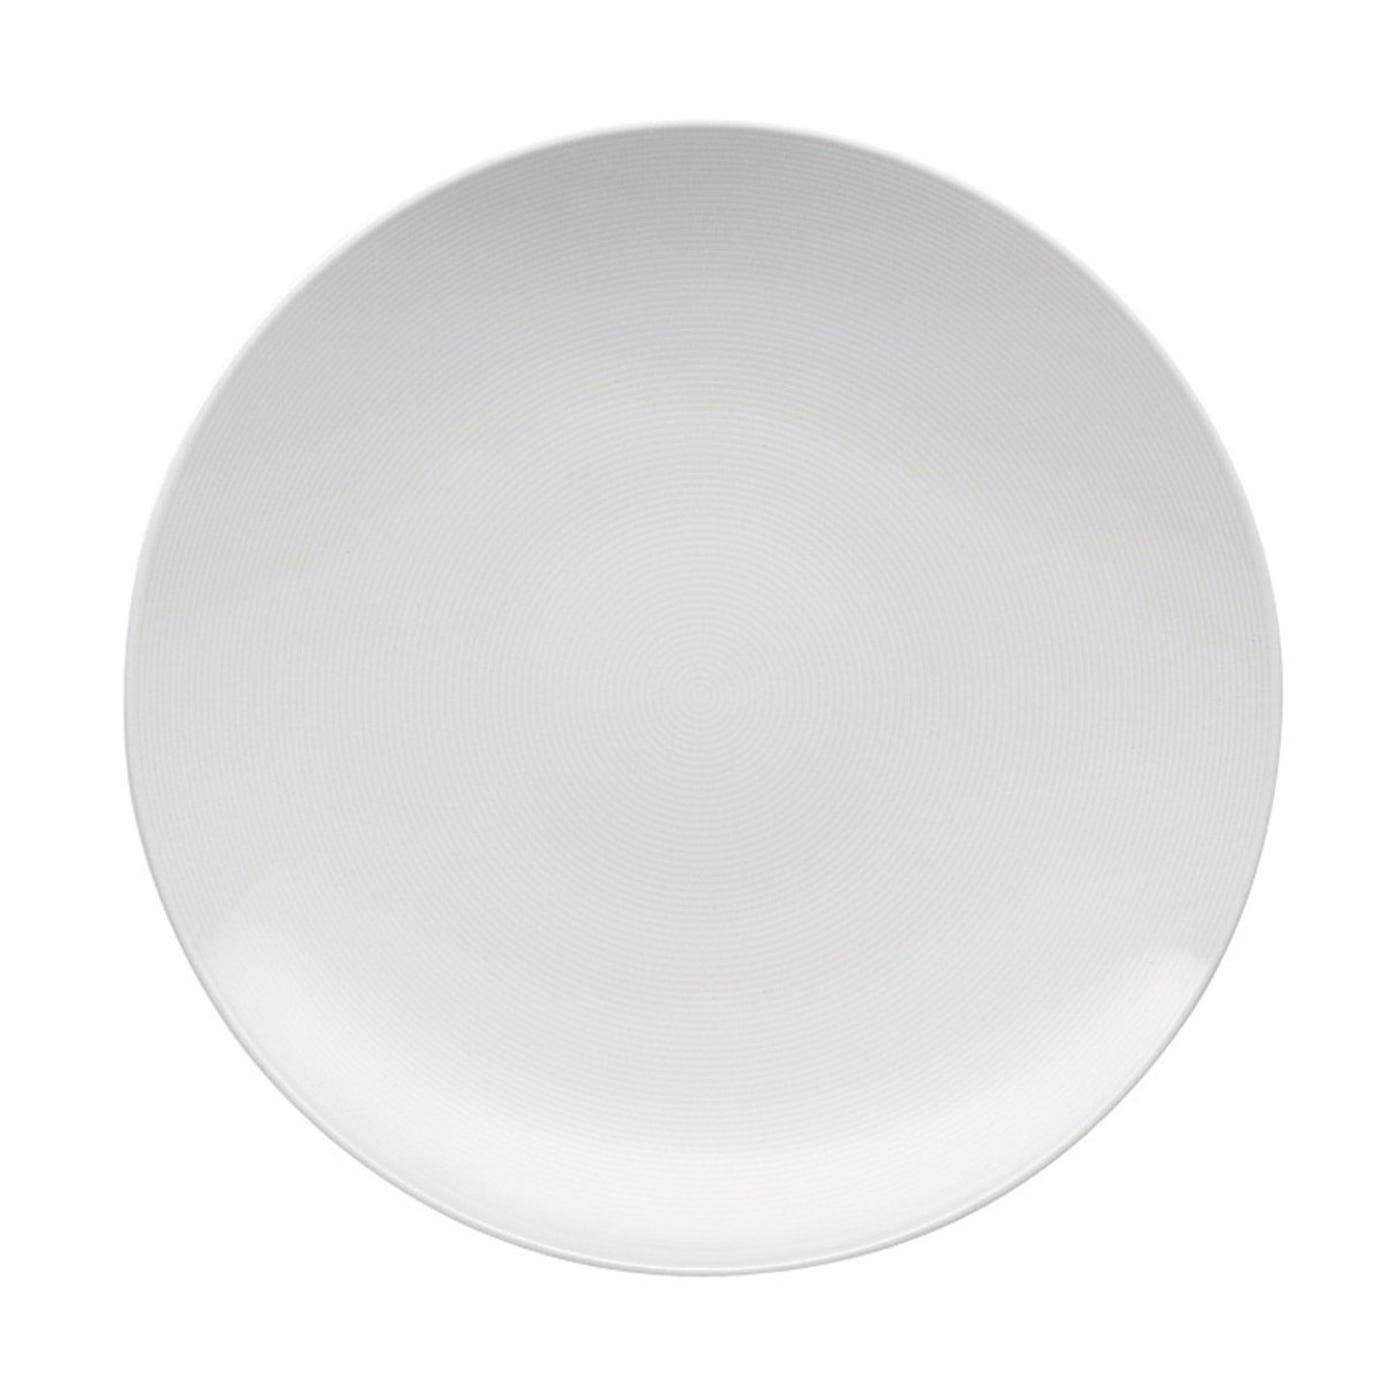 Thomas Rosenthal Loft White Gourmet Platter